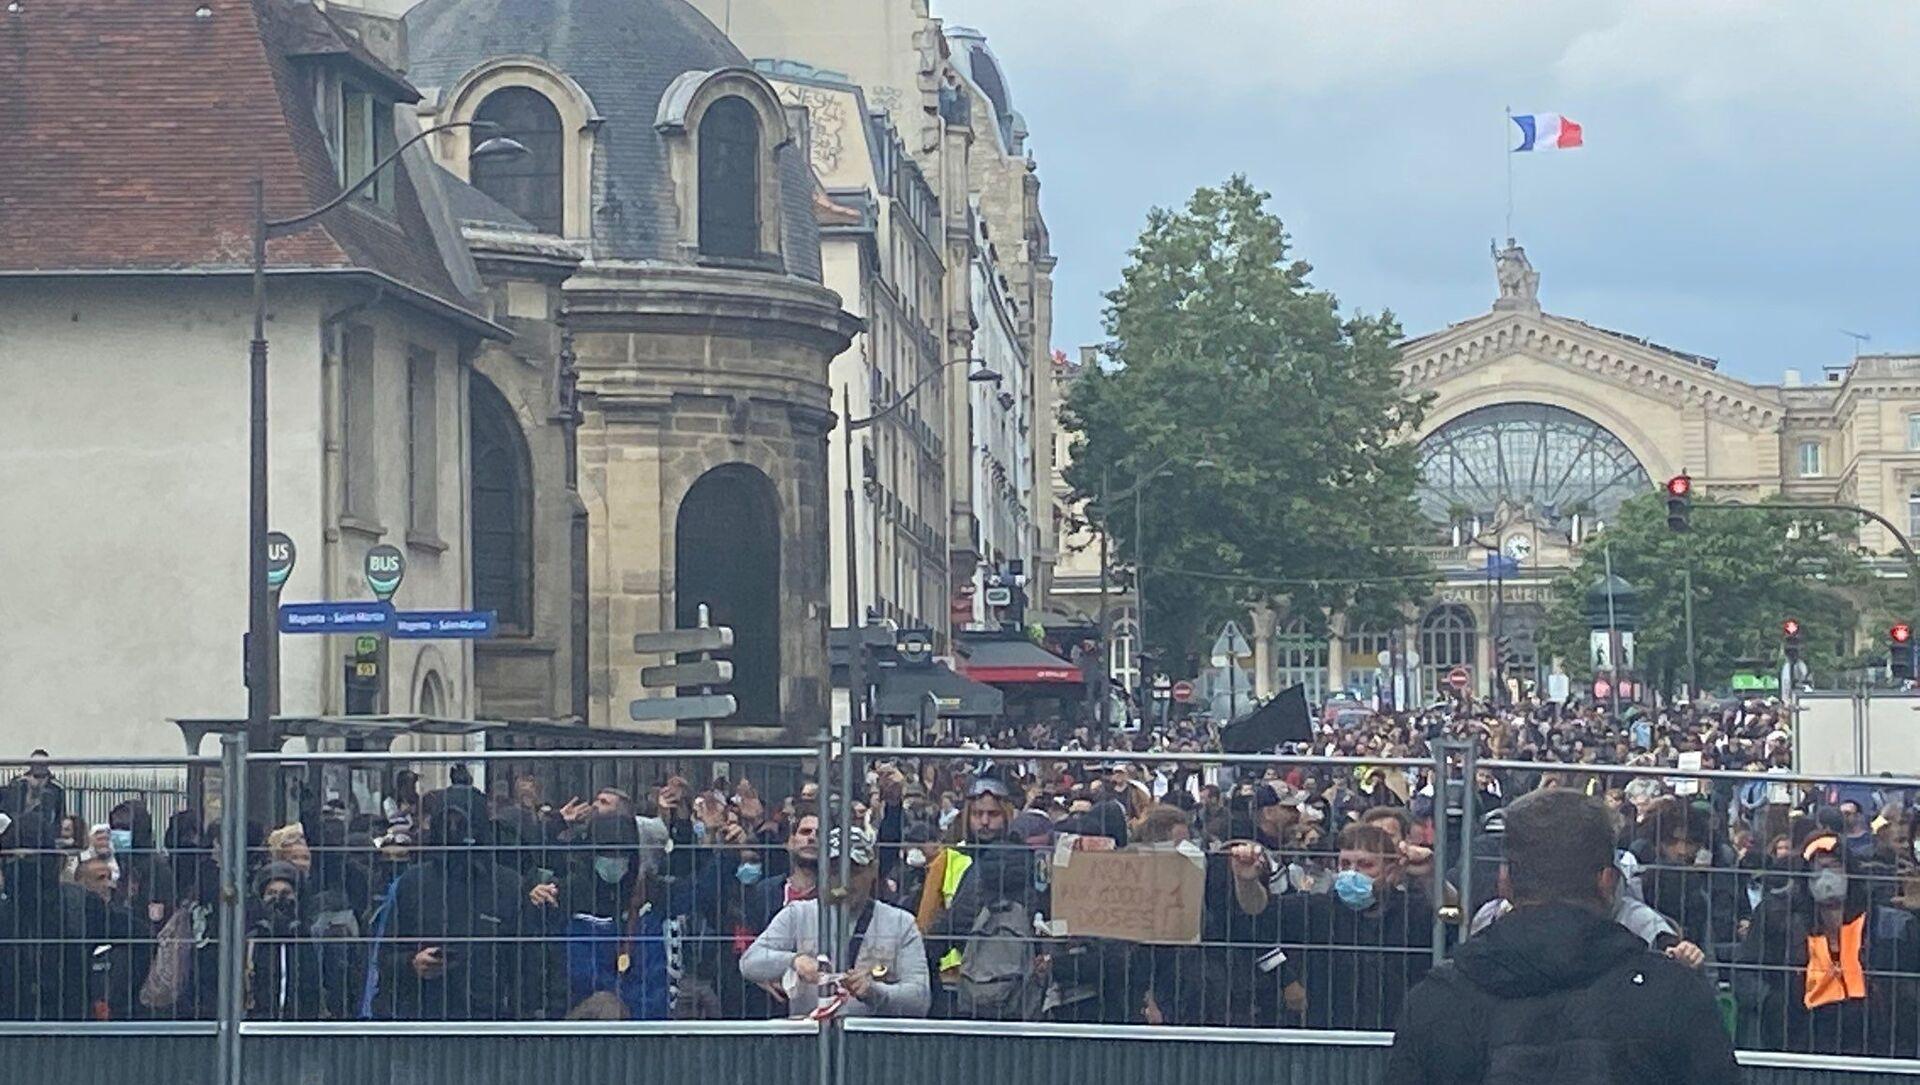 Manifestation contre le pass sanitaire à Paris, 14 juillet 2021 - Sputnik France, 1920, 22.08.2021